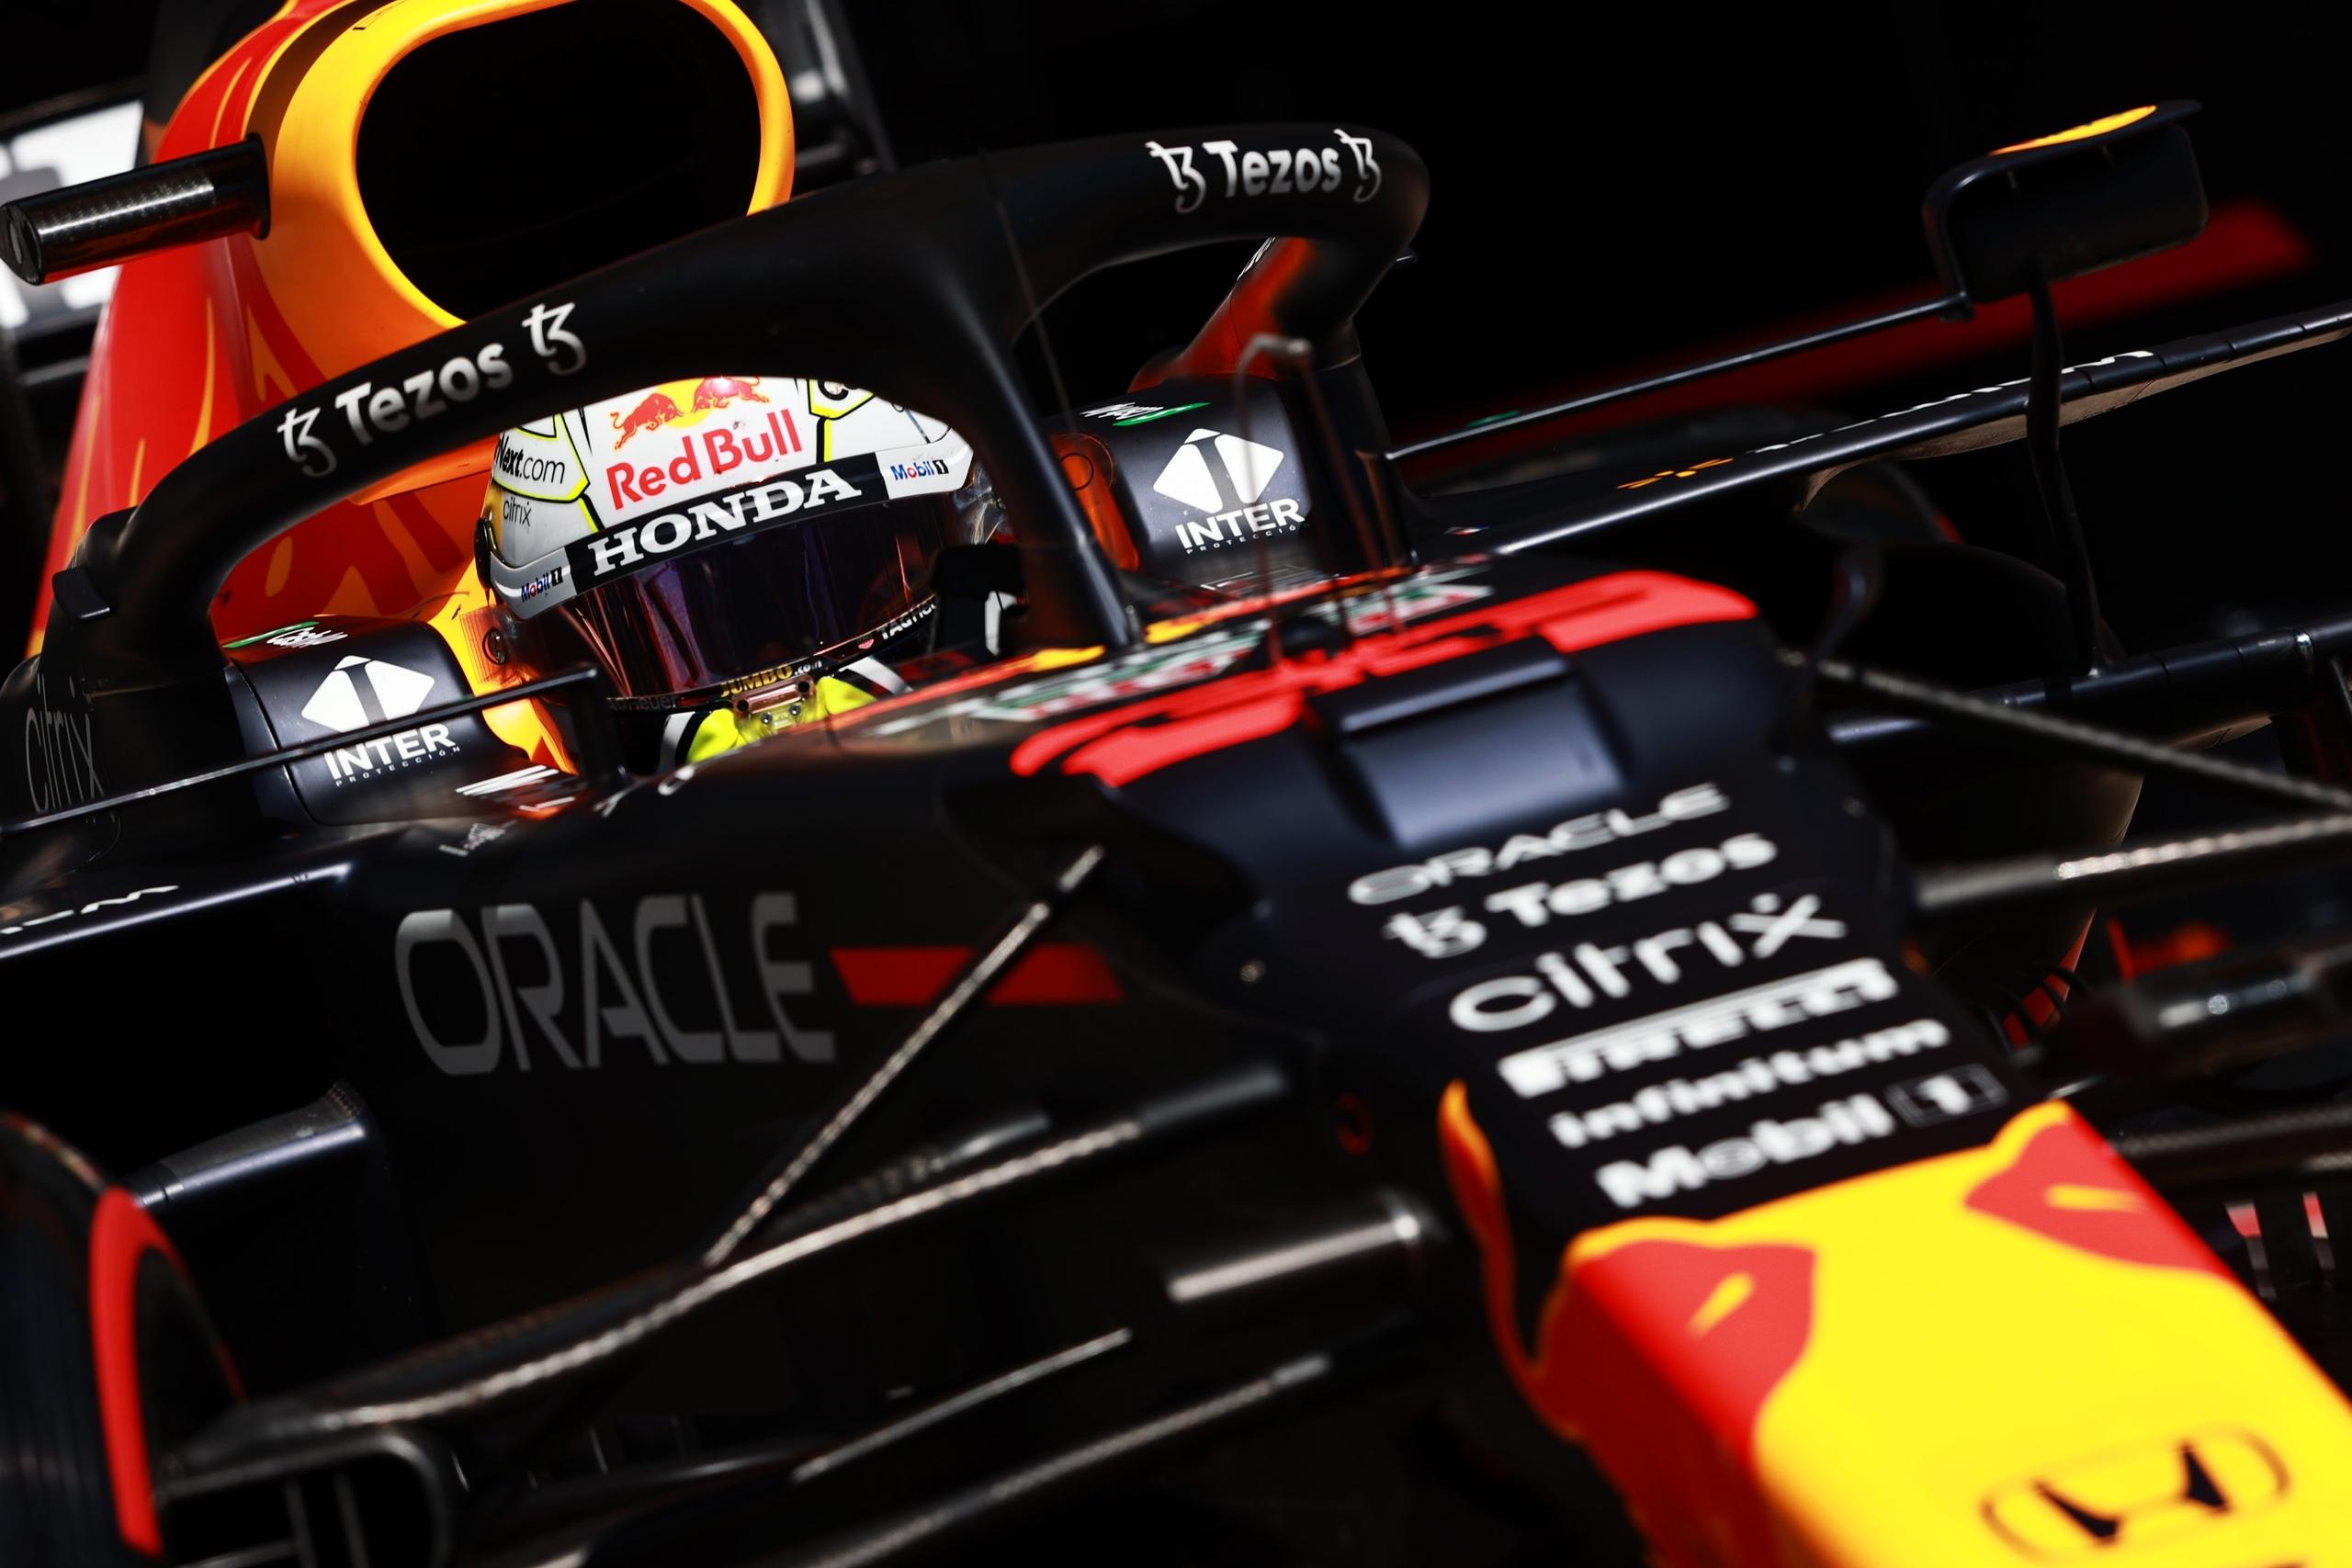 Макс Ферстаппен лидирует в чемпионате Формулы 1 после первых девяти этапов сезона 2021 года